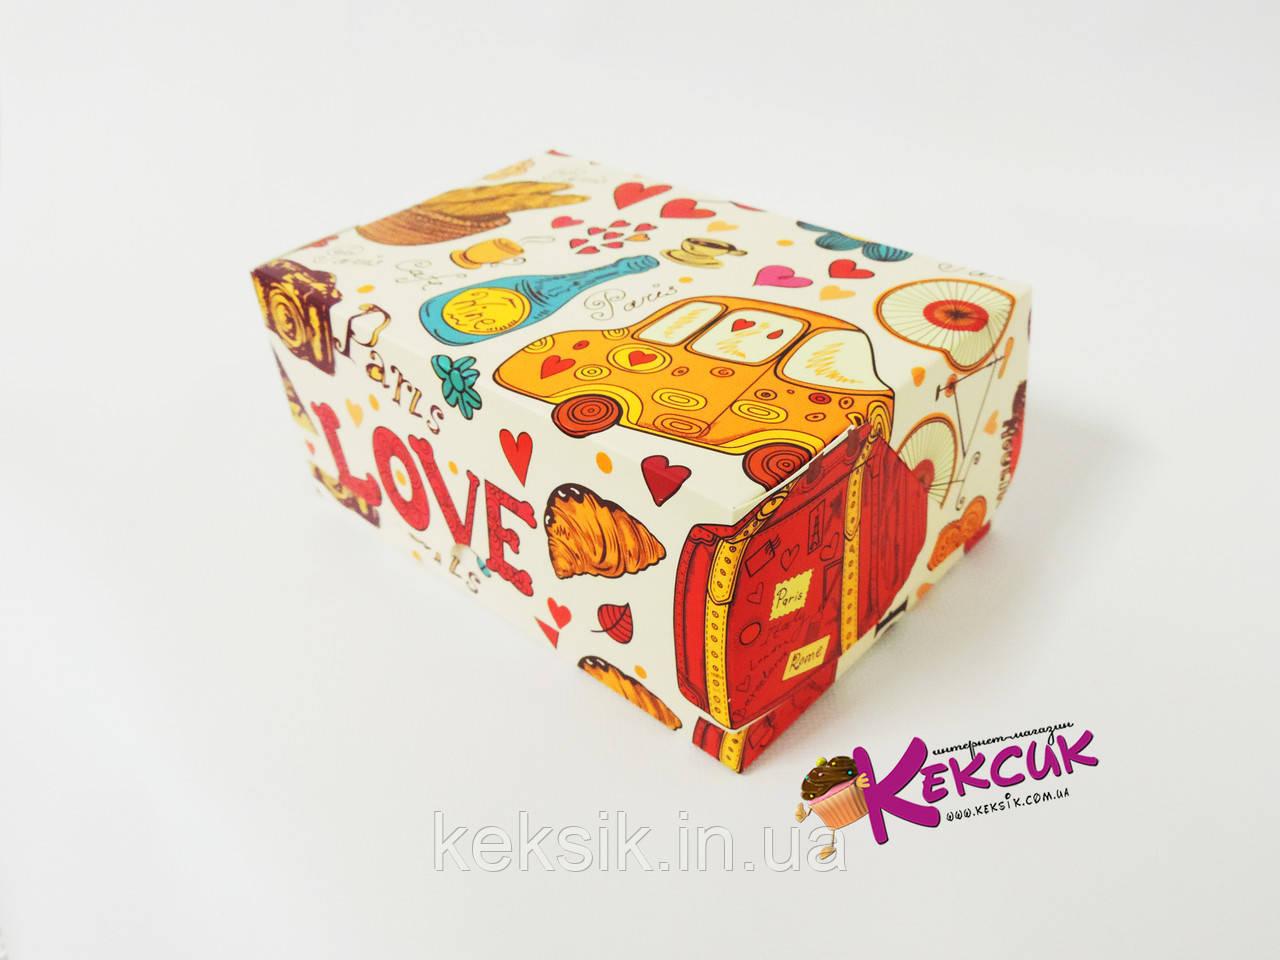 Коробка контейнер Париж 18*12*8 см